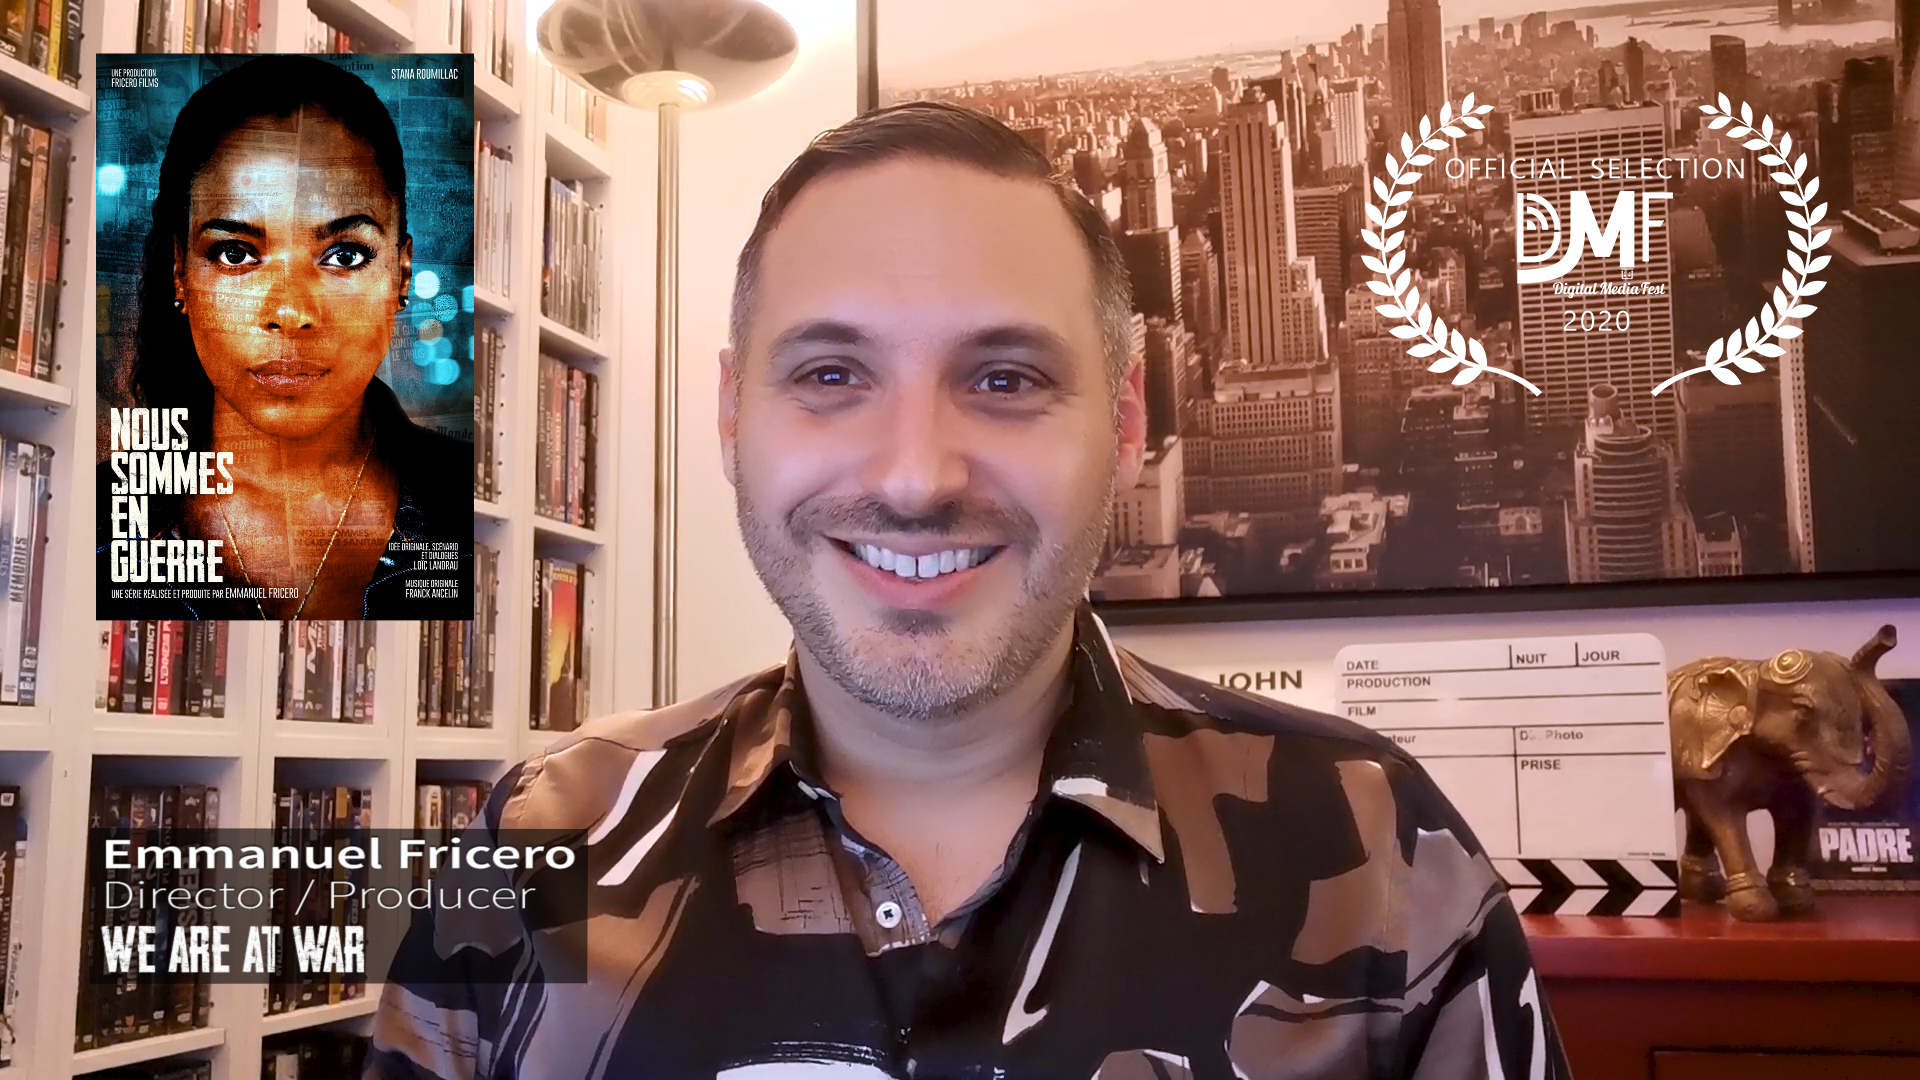 Présentation de la série par le Réalisateur au Digital Media Fest